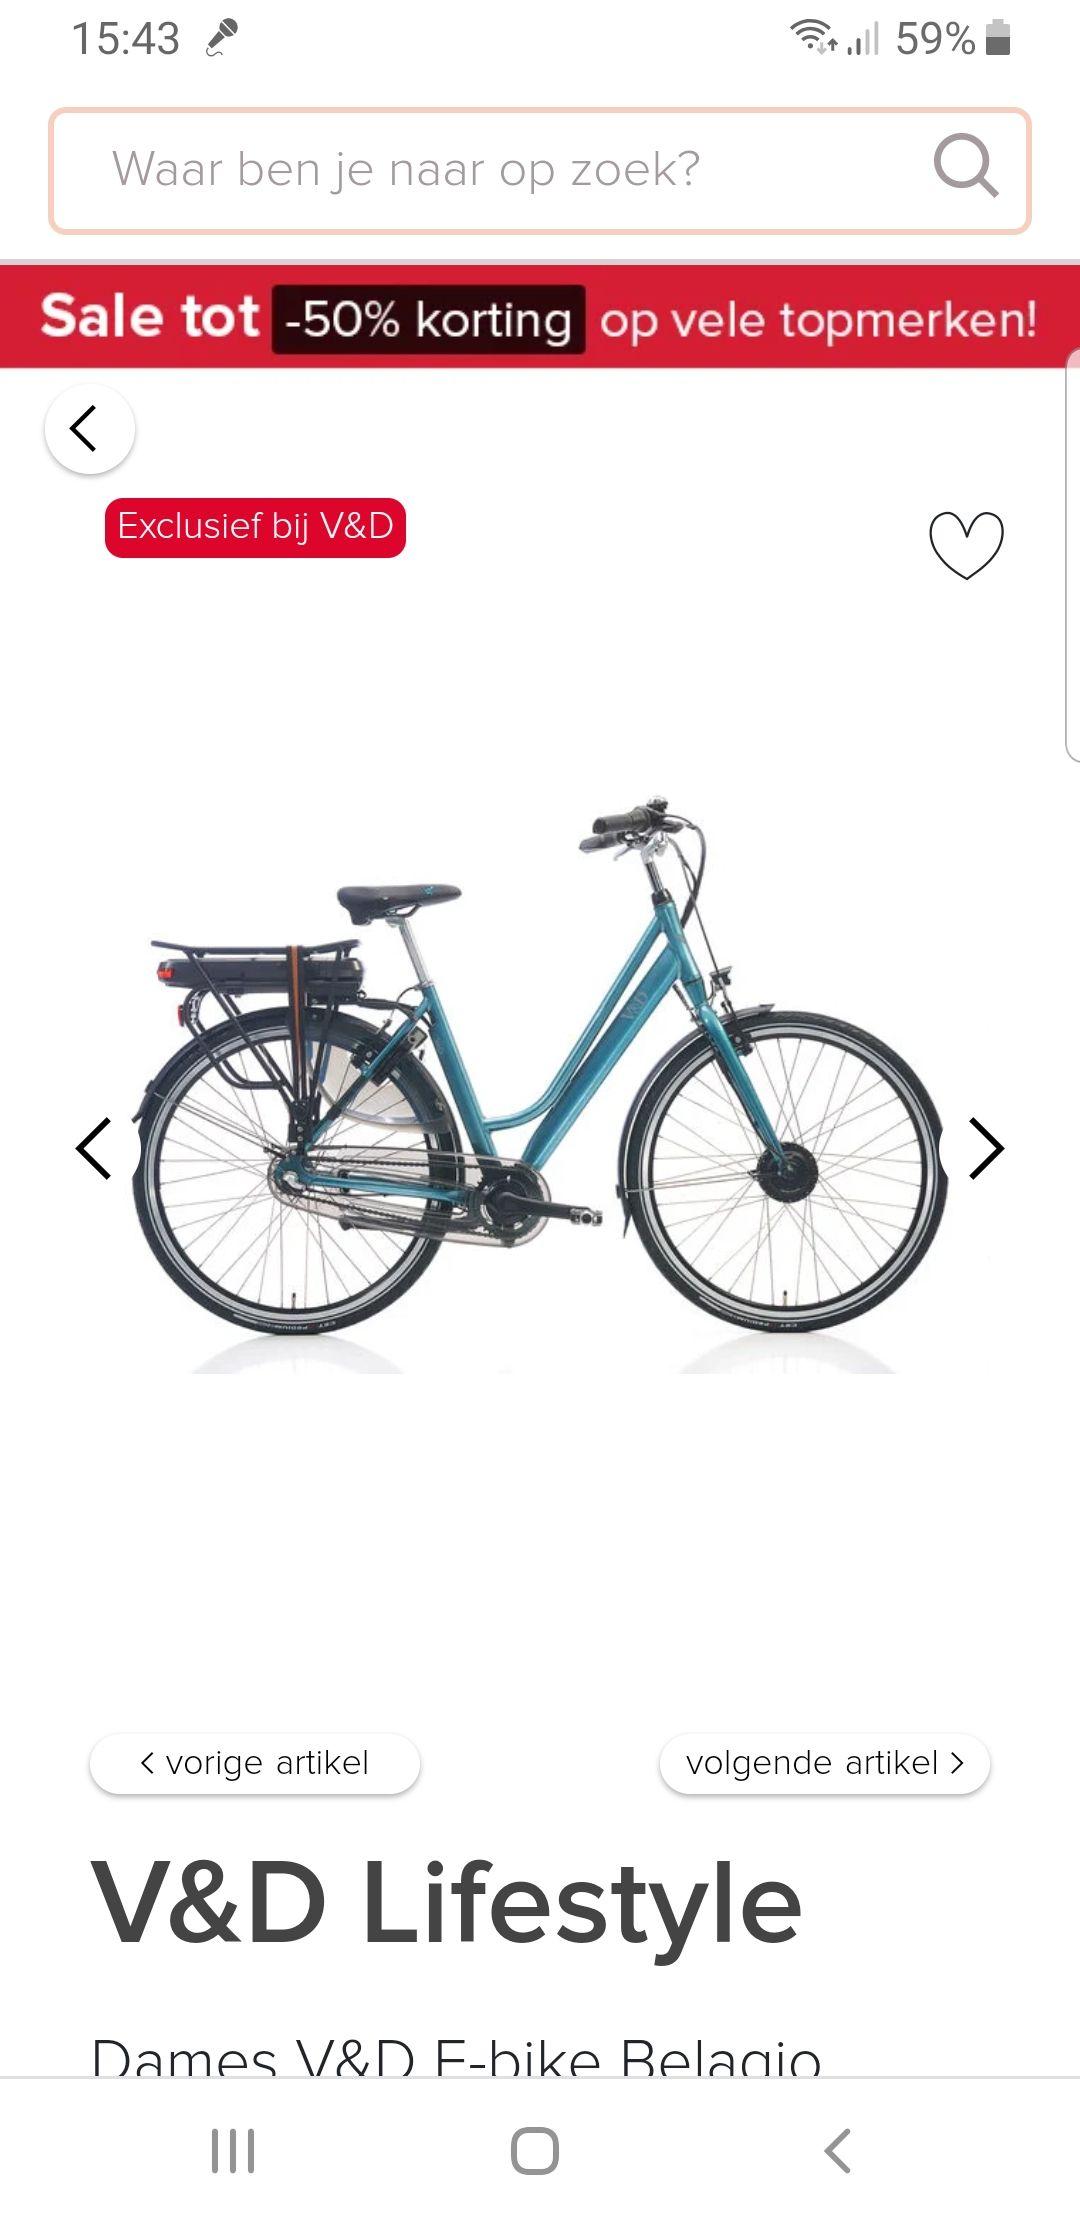 Elektrische fiets V&D vanaf 799 euro